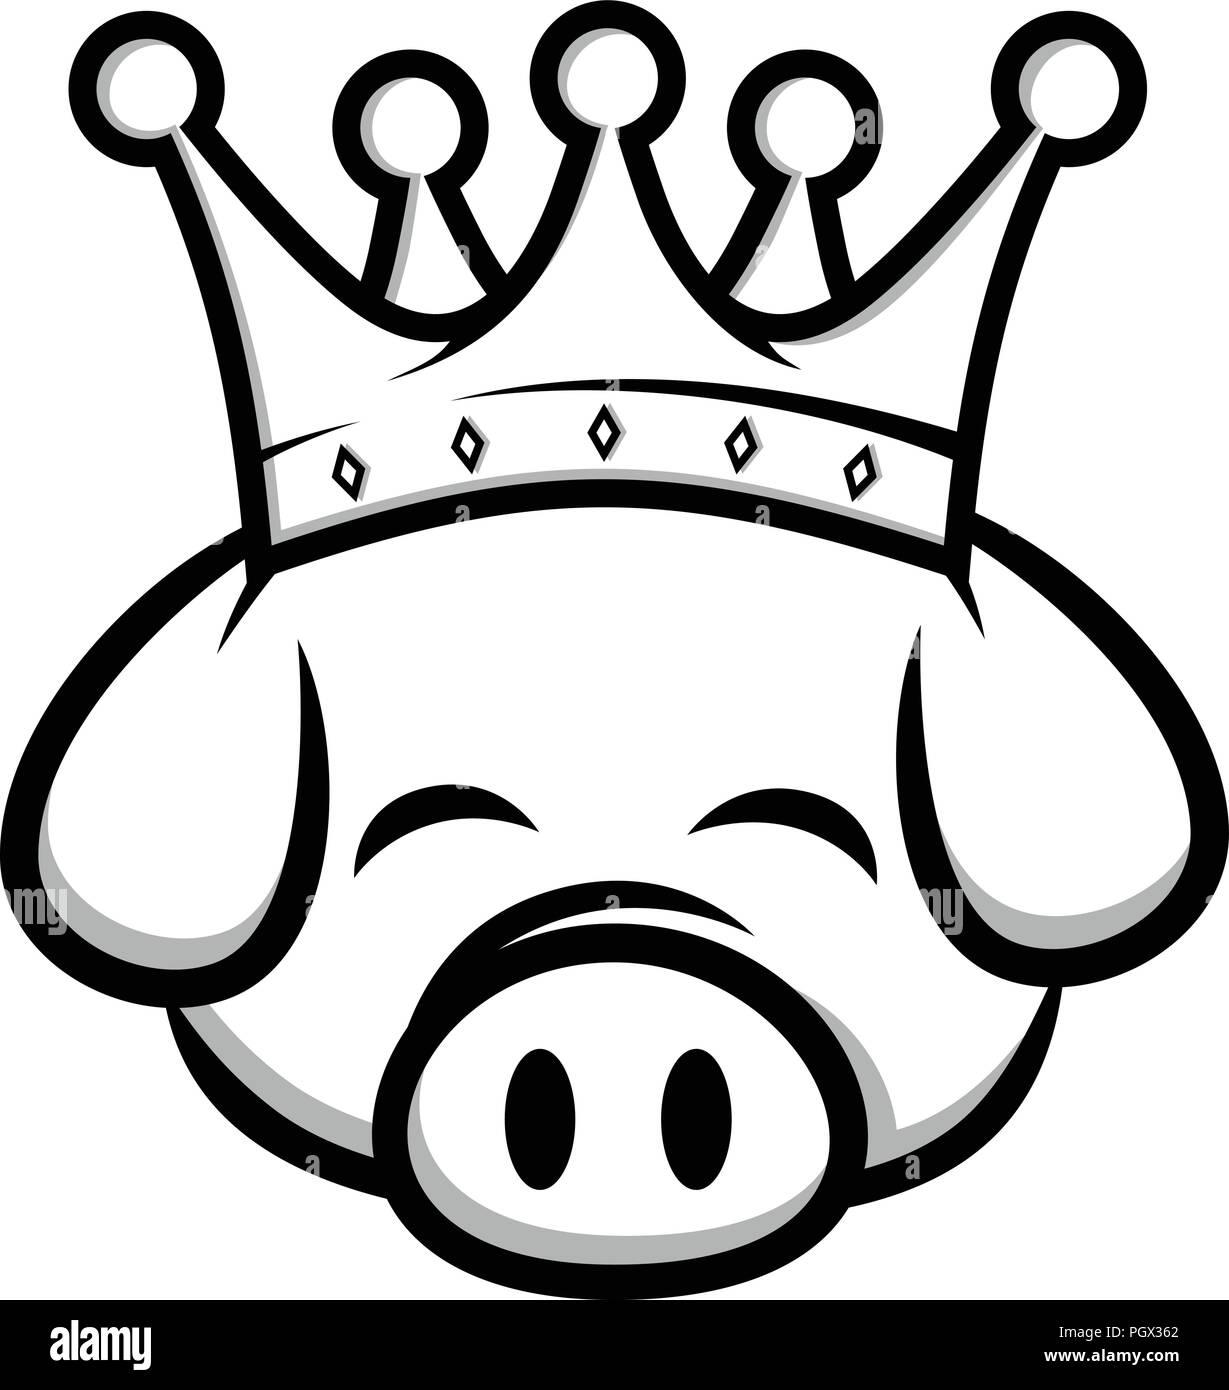 King Pig Crown Pork Bacon Theme Cartoon Vector Stock Vector